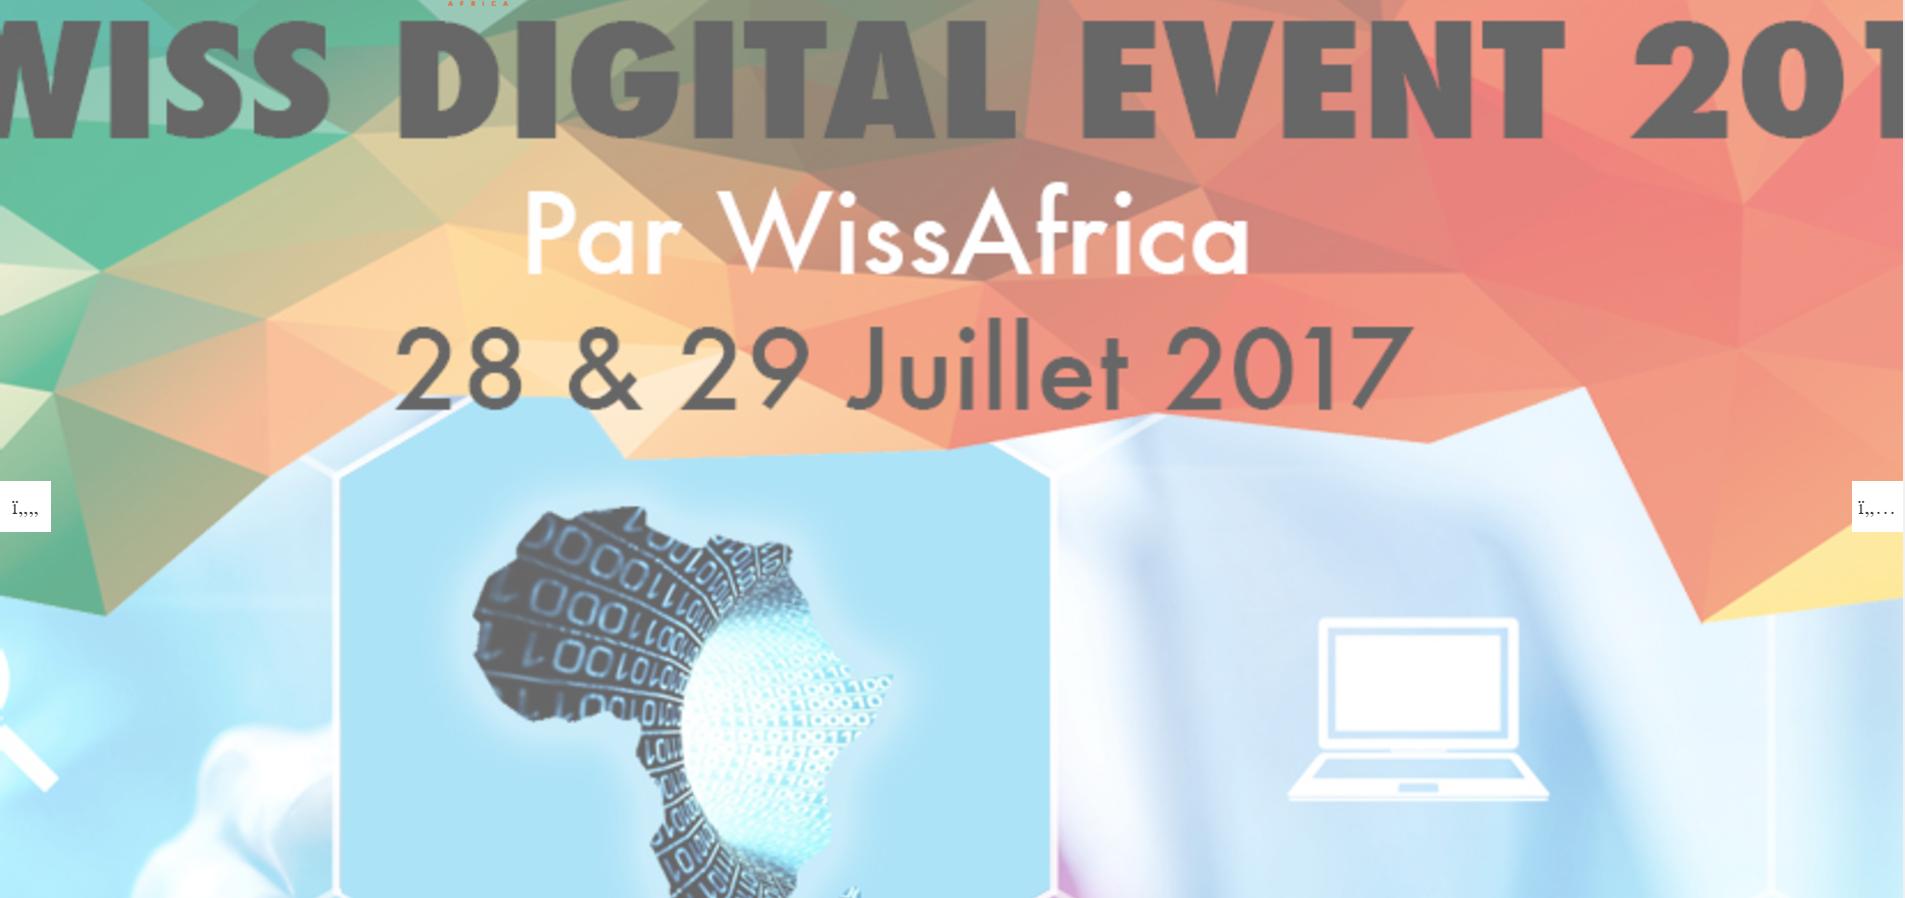 Dakar : Wiss Africa organise un pré-événement sur la transformation digitale de l'entreprise